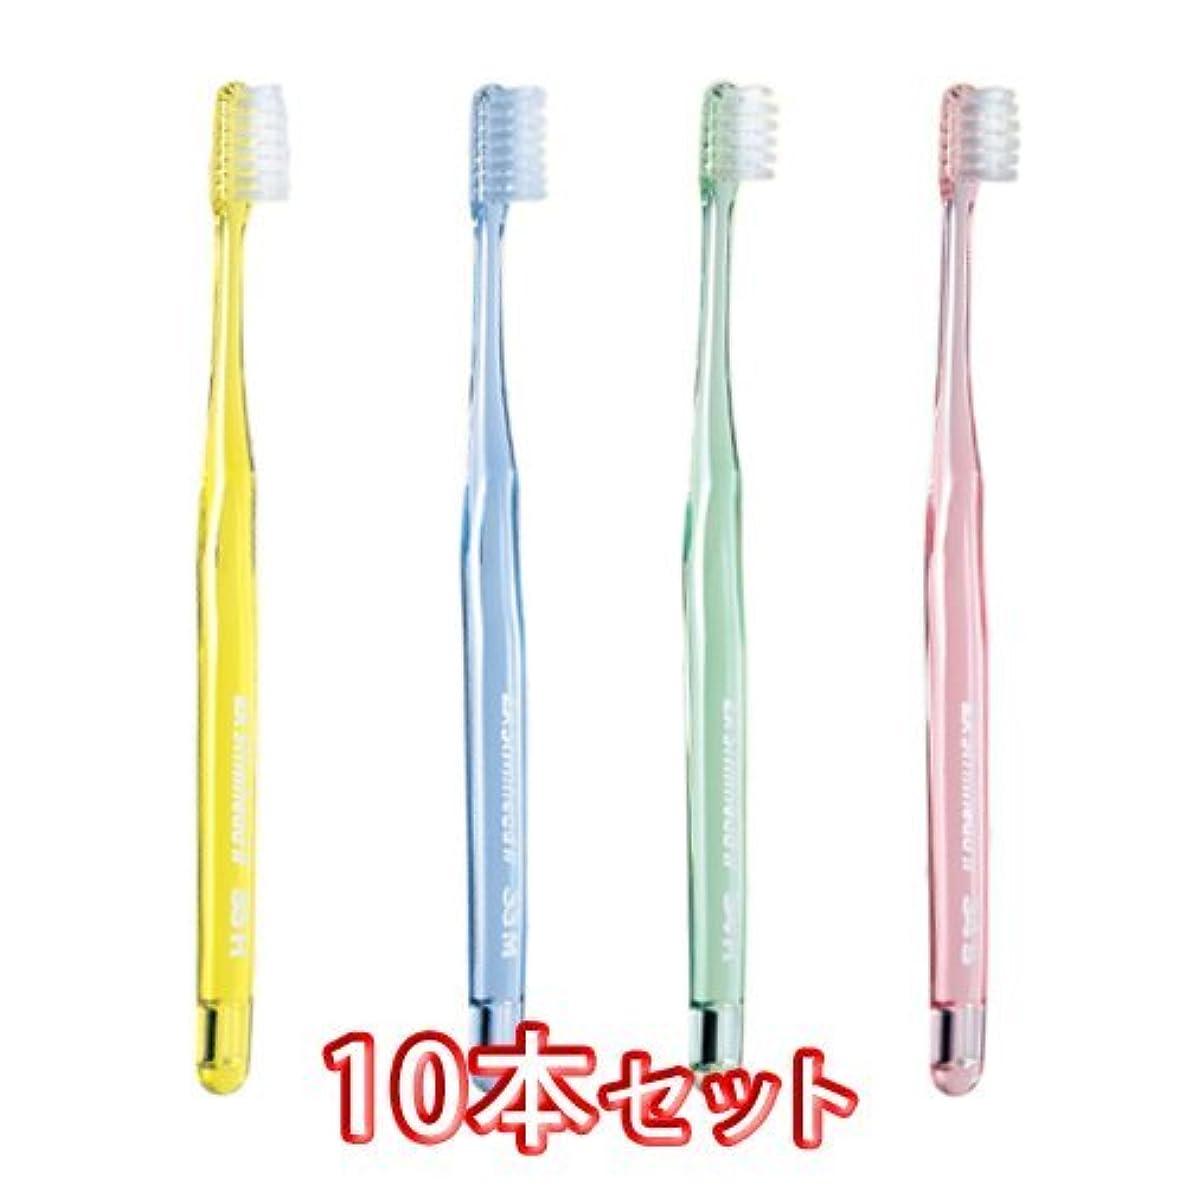 適切にいつでもエキゾチックライオン スリムヘッド2 歯ブラシ 10本セット (34H)